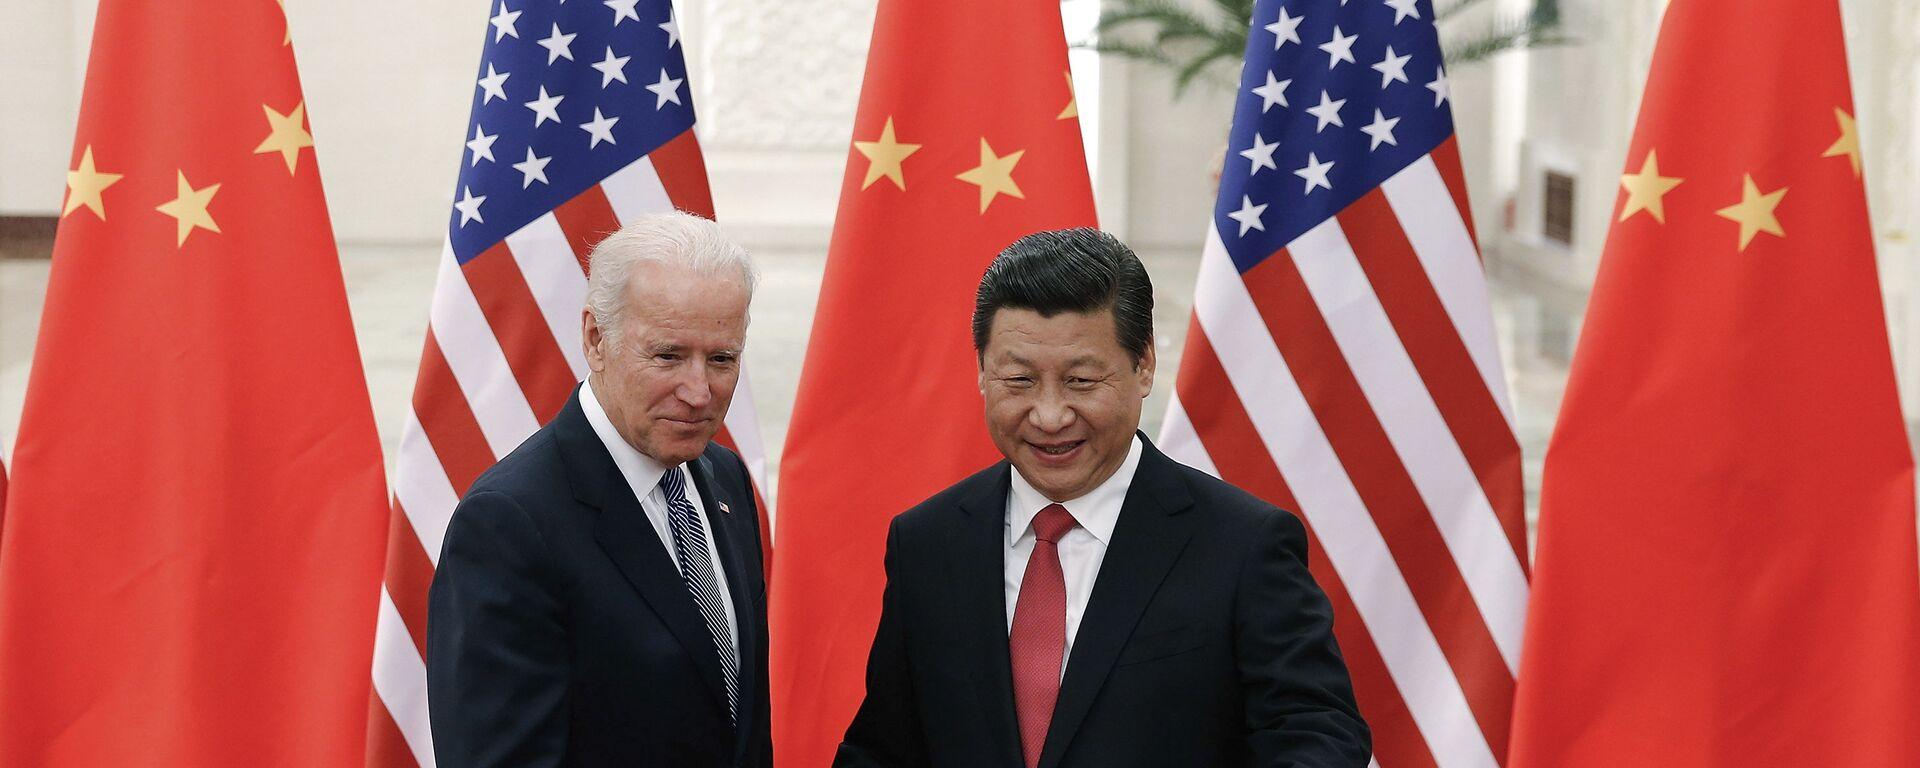 El presidente chino, Xi Jinping,  con el entonces vicepresidente de EEUU, Joe Biden, en Pekín, el 4 de diciembre de 2013. - Sputnik Mundo, 1920, 16.06.2021